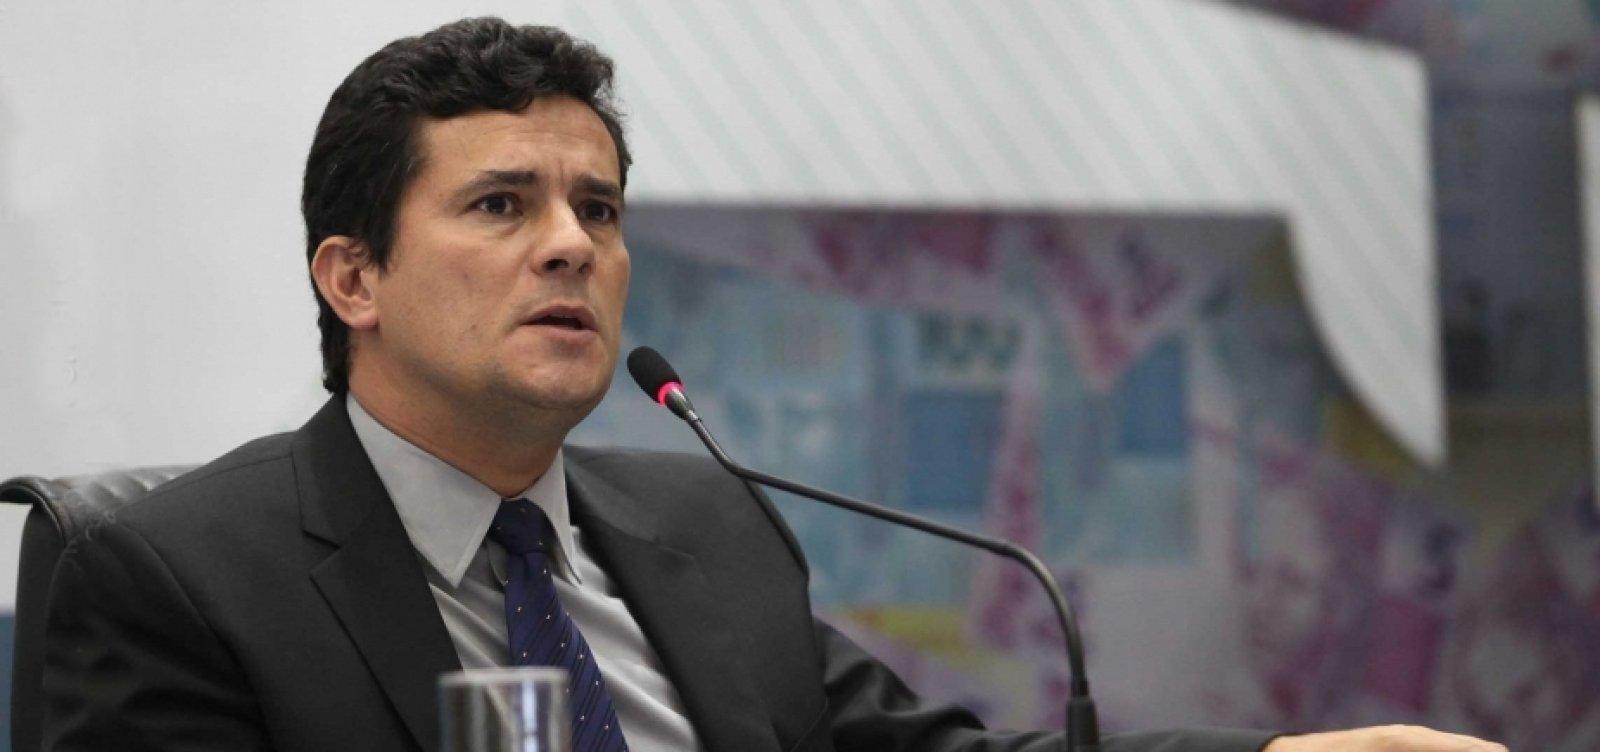 Sigilo é retirado e conversas de Moro com promotores da Lava Jato são divulgadas